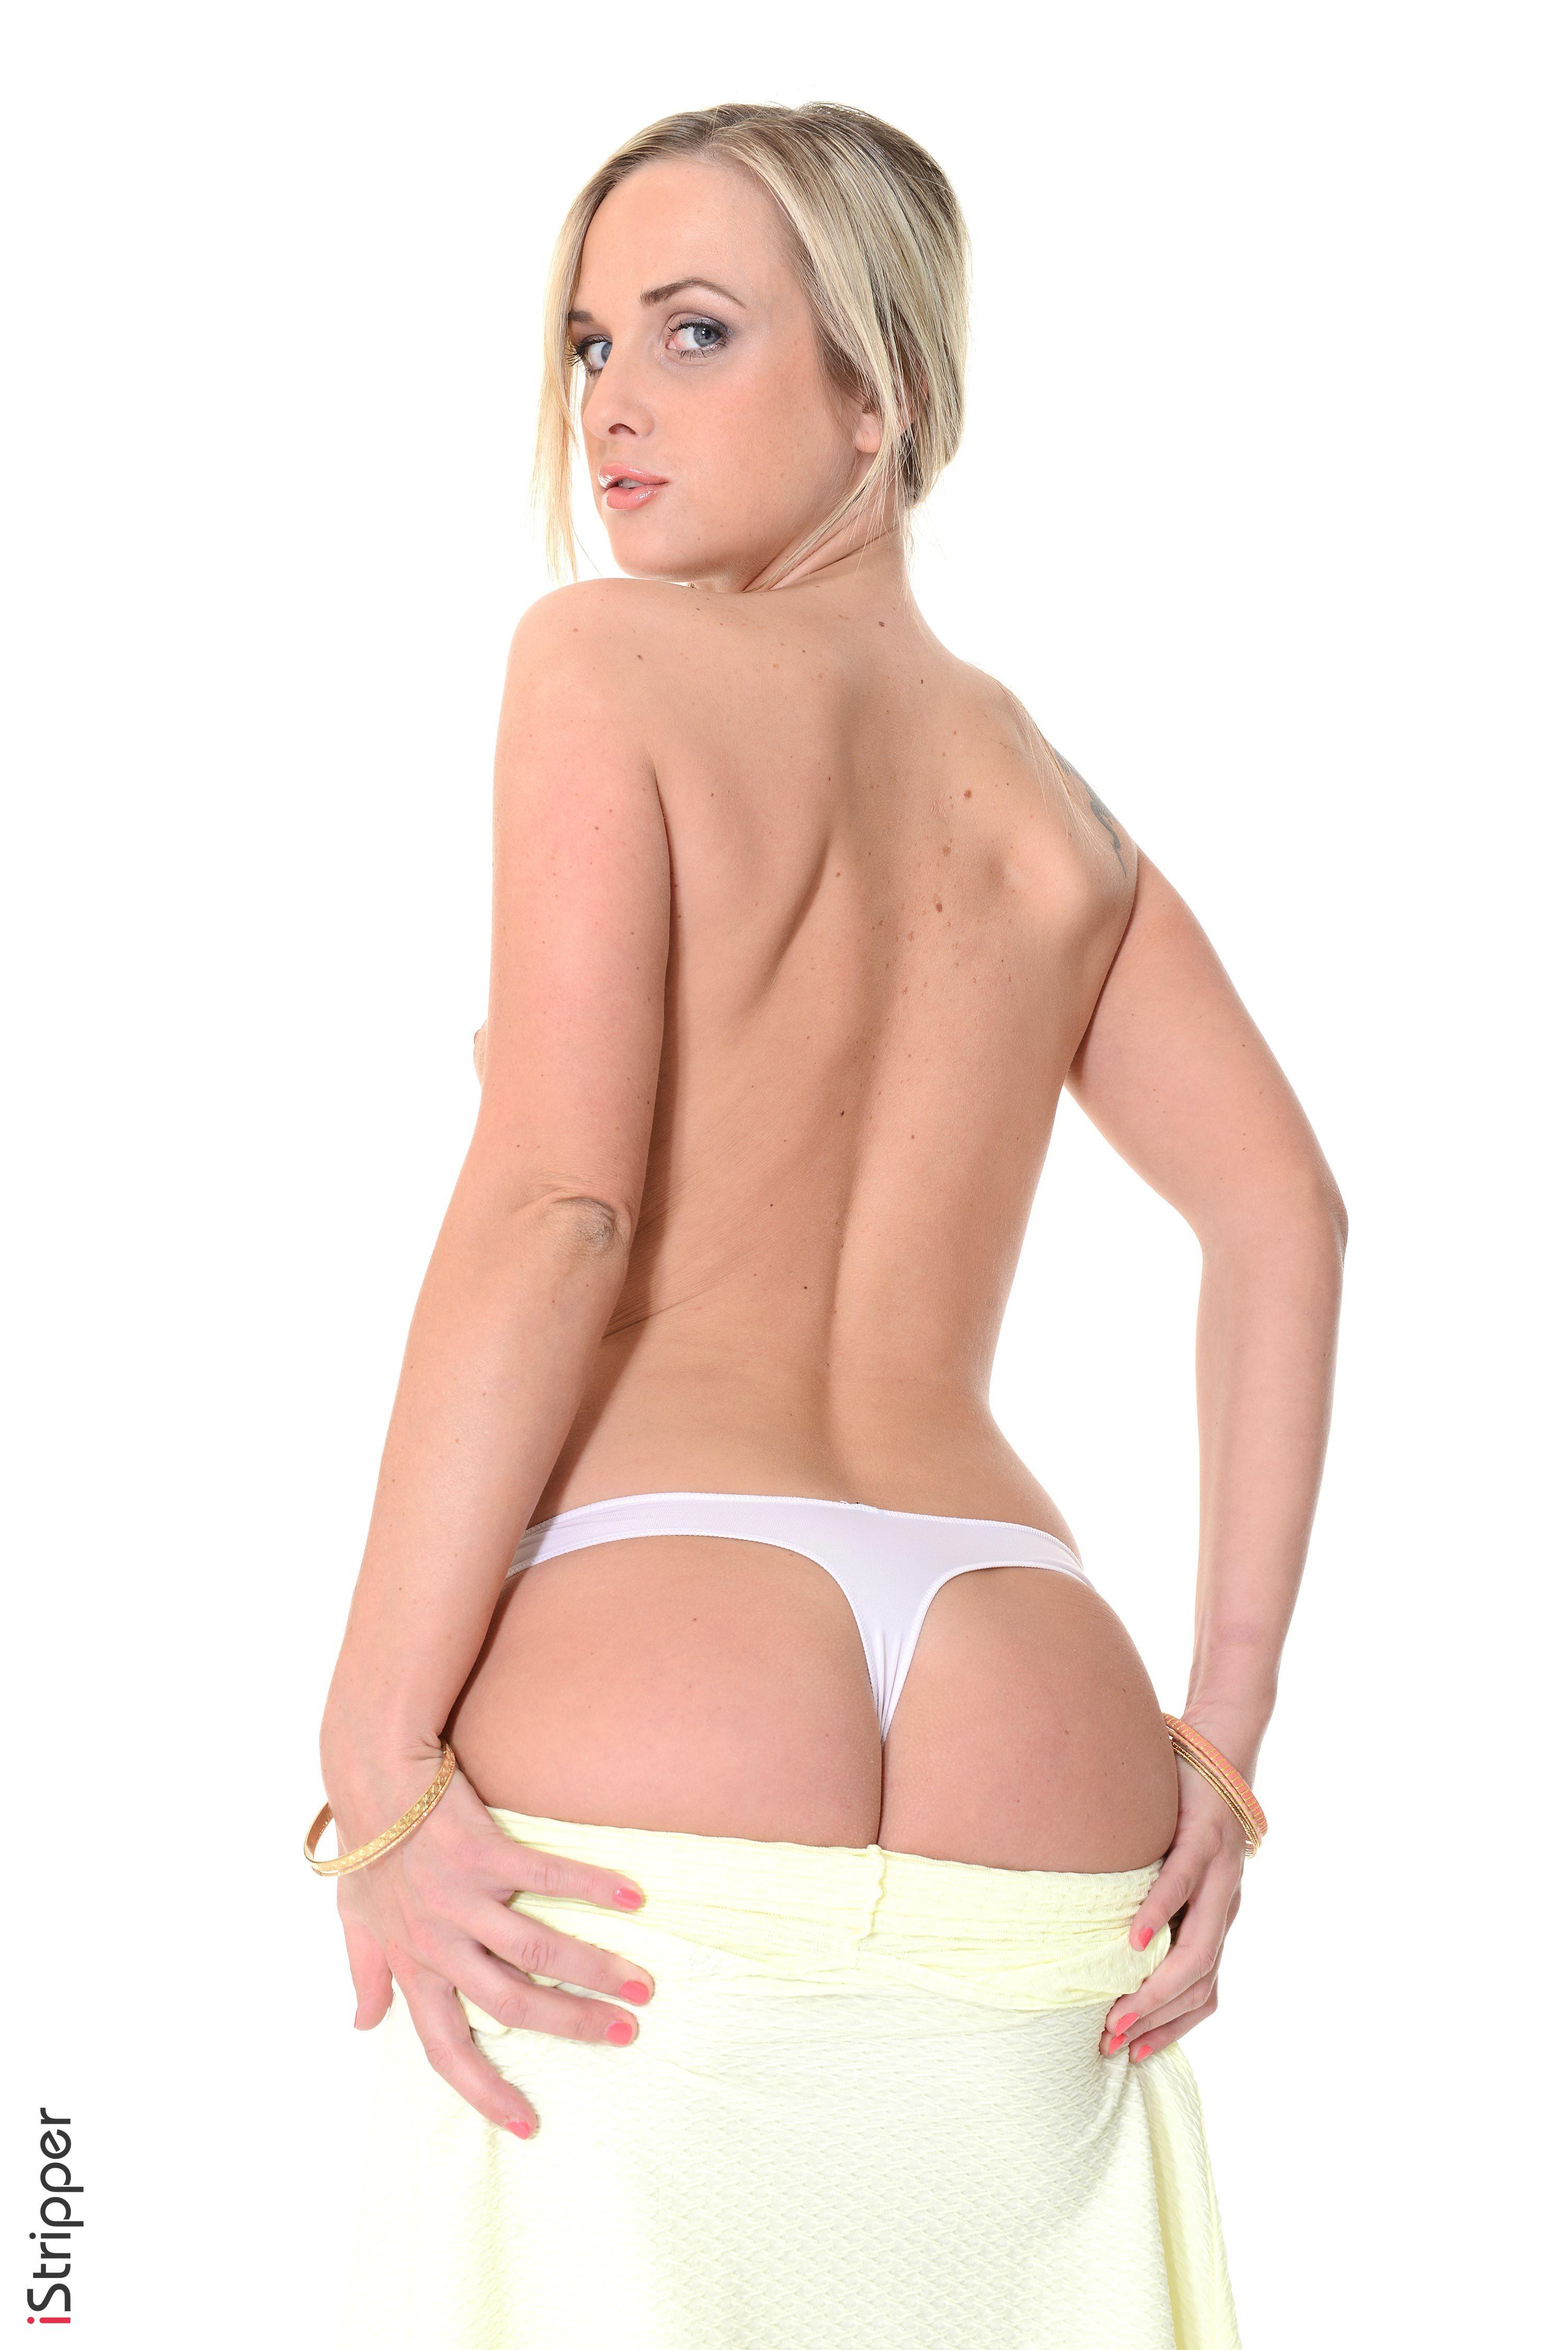 emma watson nude wallpapers